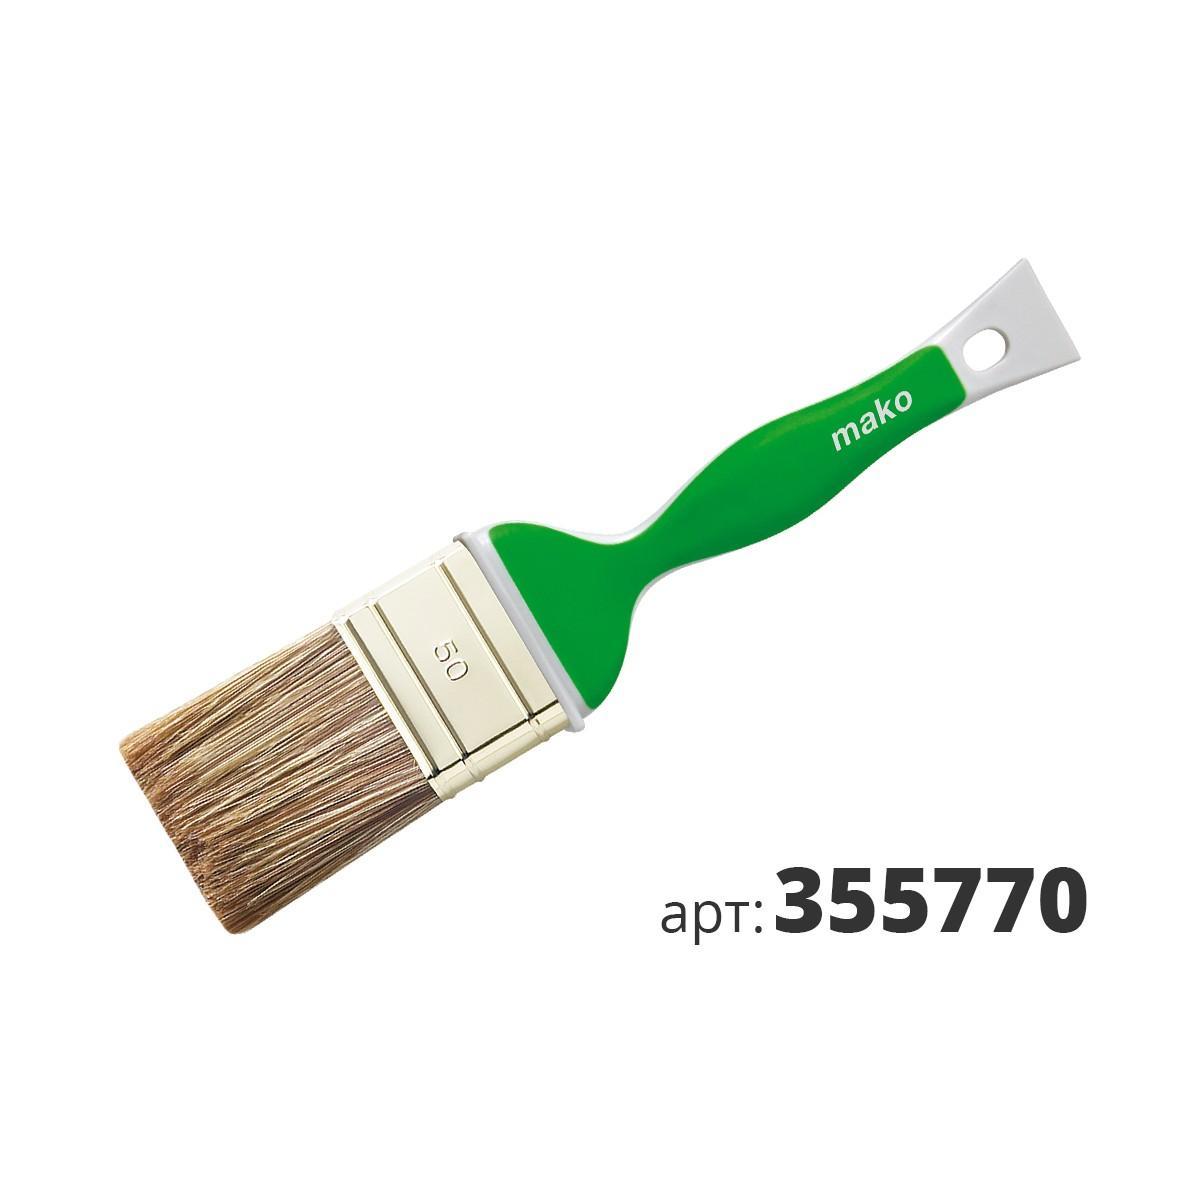 МАКО кисть флейцевая Soft Grip, смесь полиэстер (Hollester) и натуральной щетины 355770